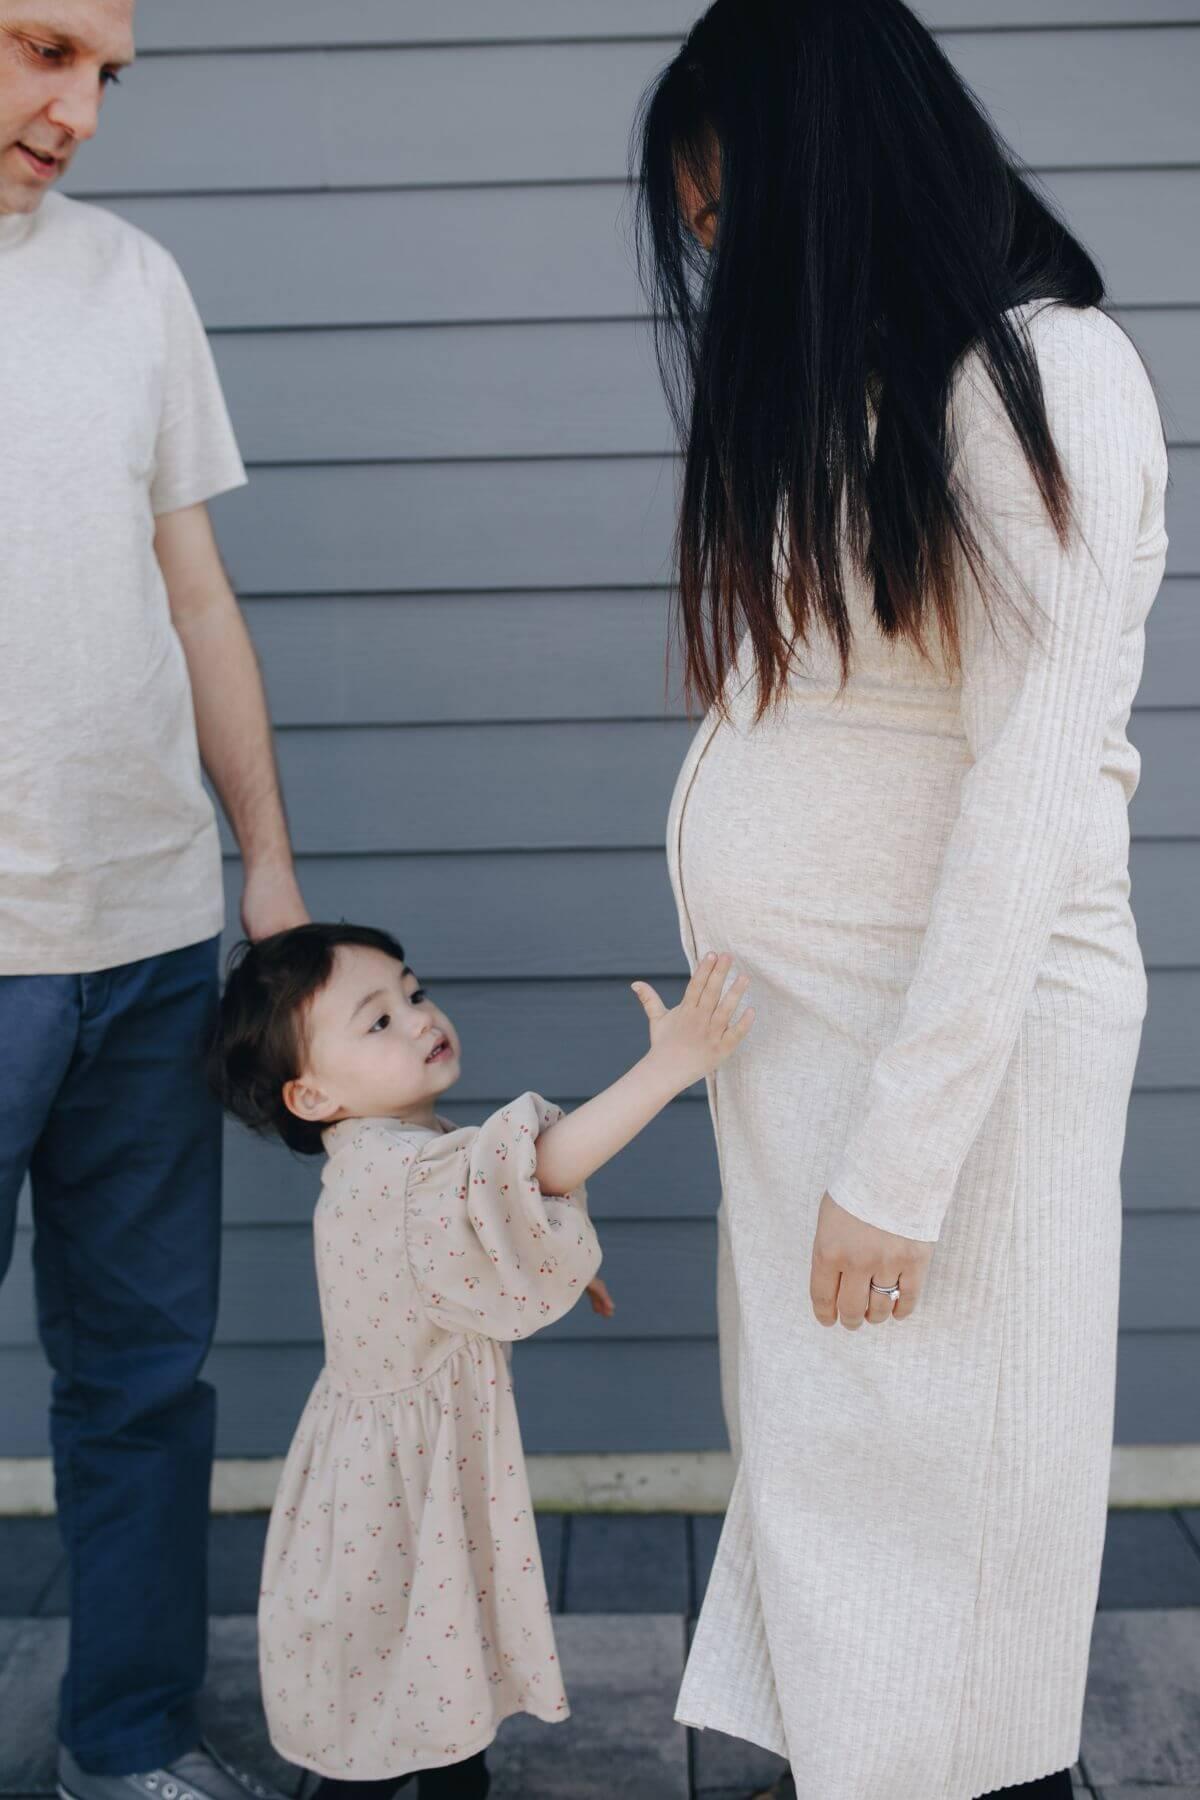 Zwangerschapsverlof: hoe zit dat en wat moet je regelen? 1